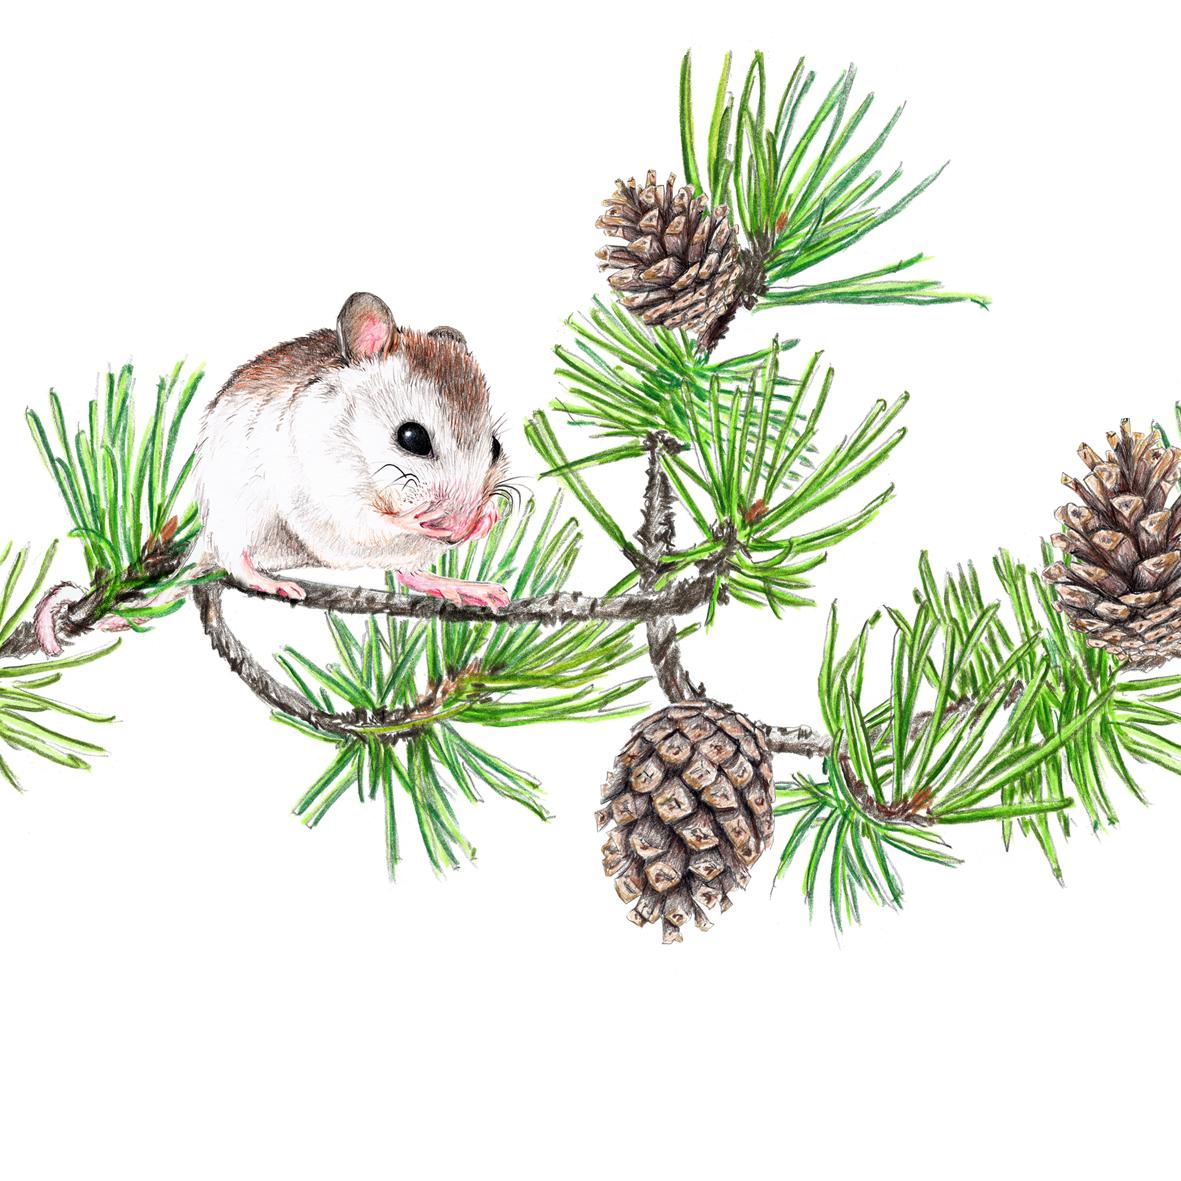 Zeichnung Maus auf Kiefernzweig, Kunstdruck, Poster, A4